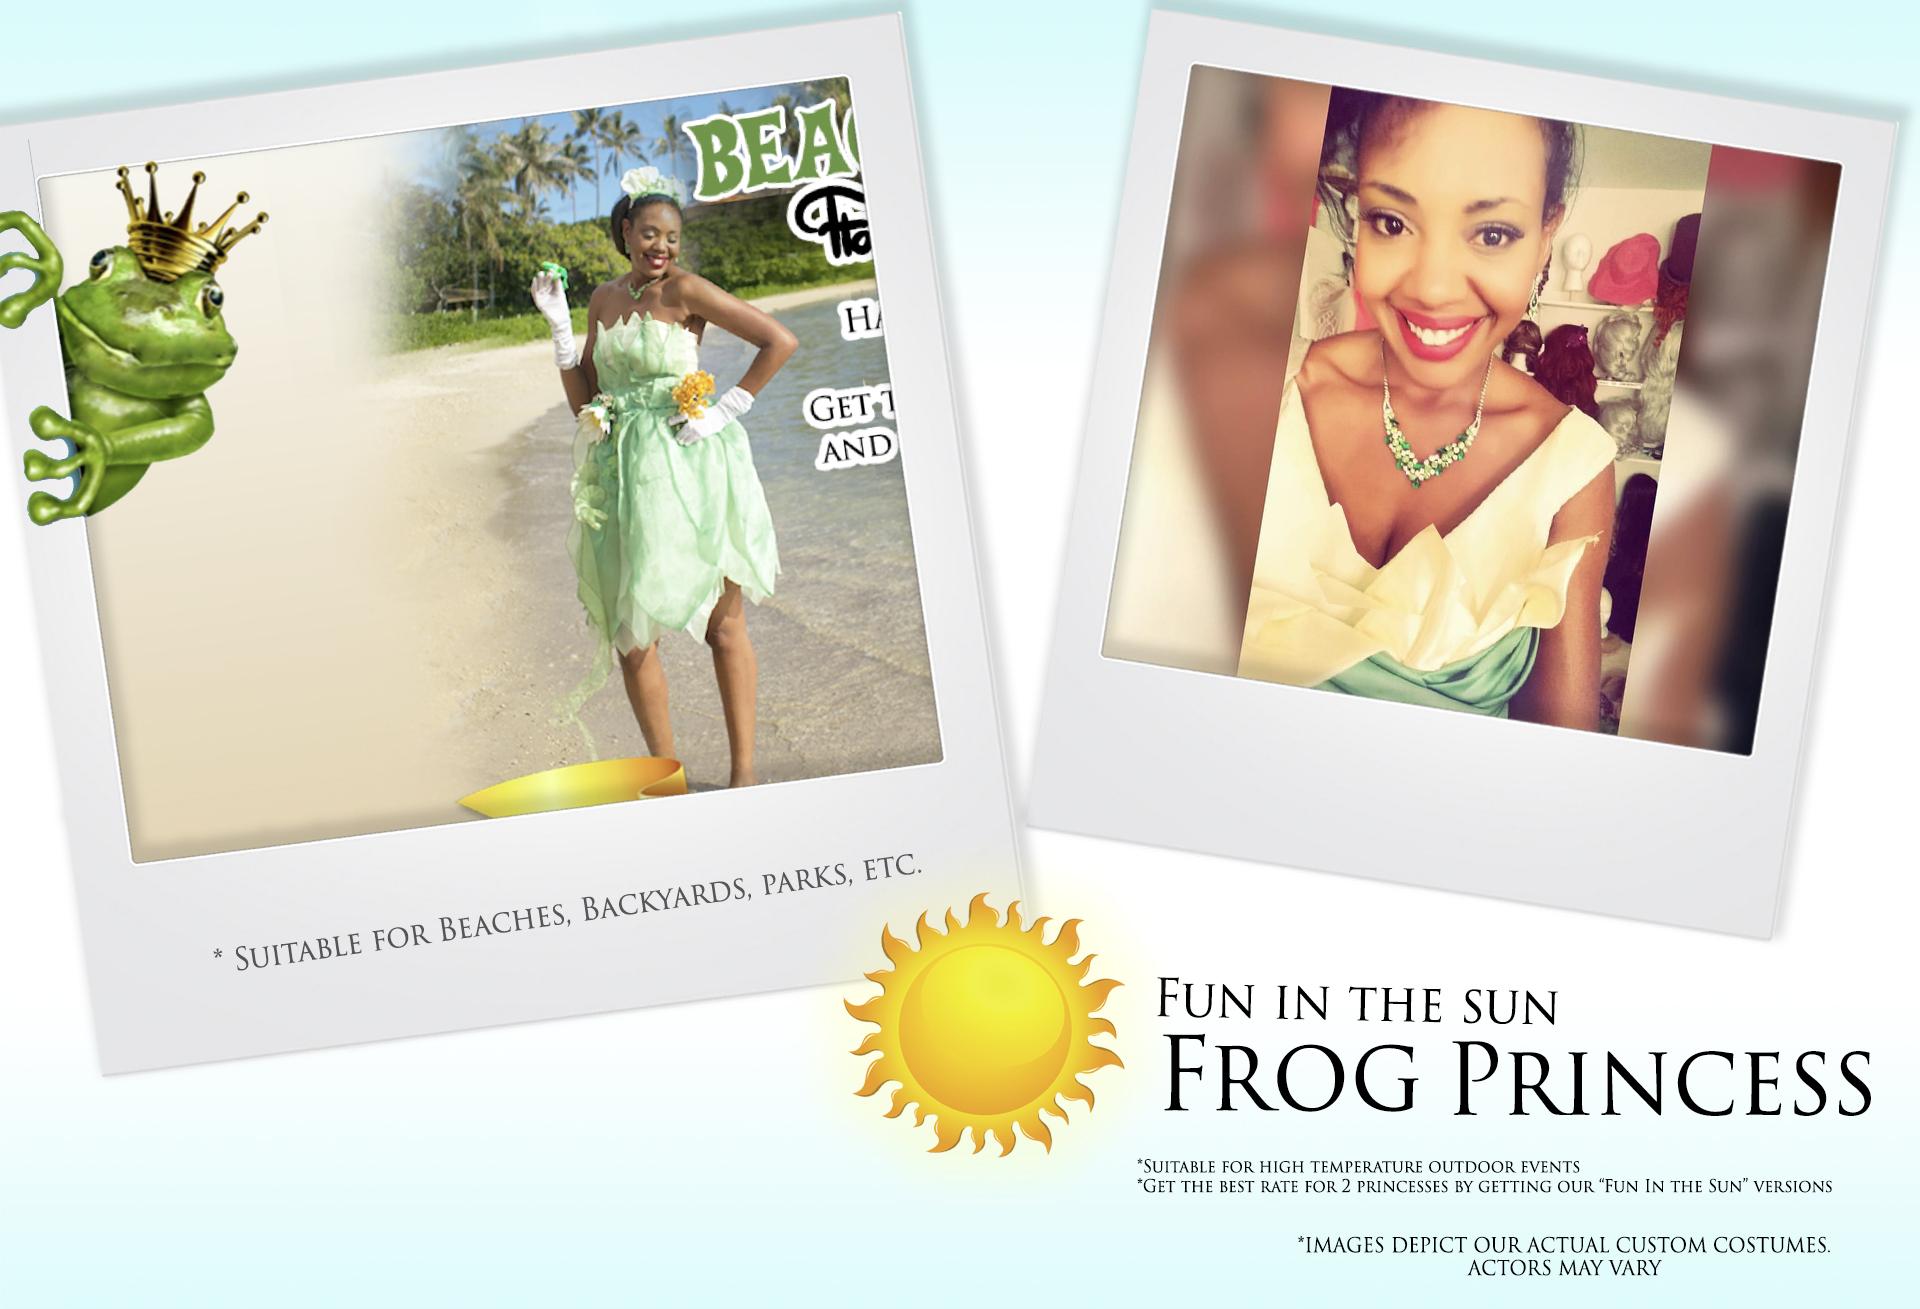 Fun in the Sun Frog Princess